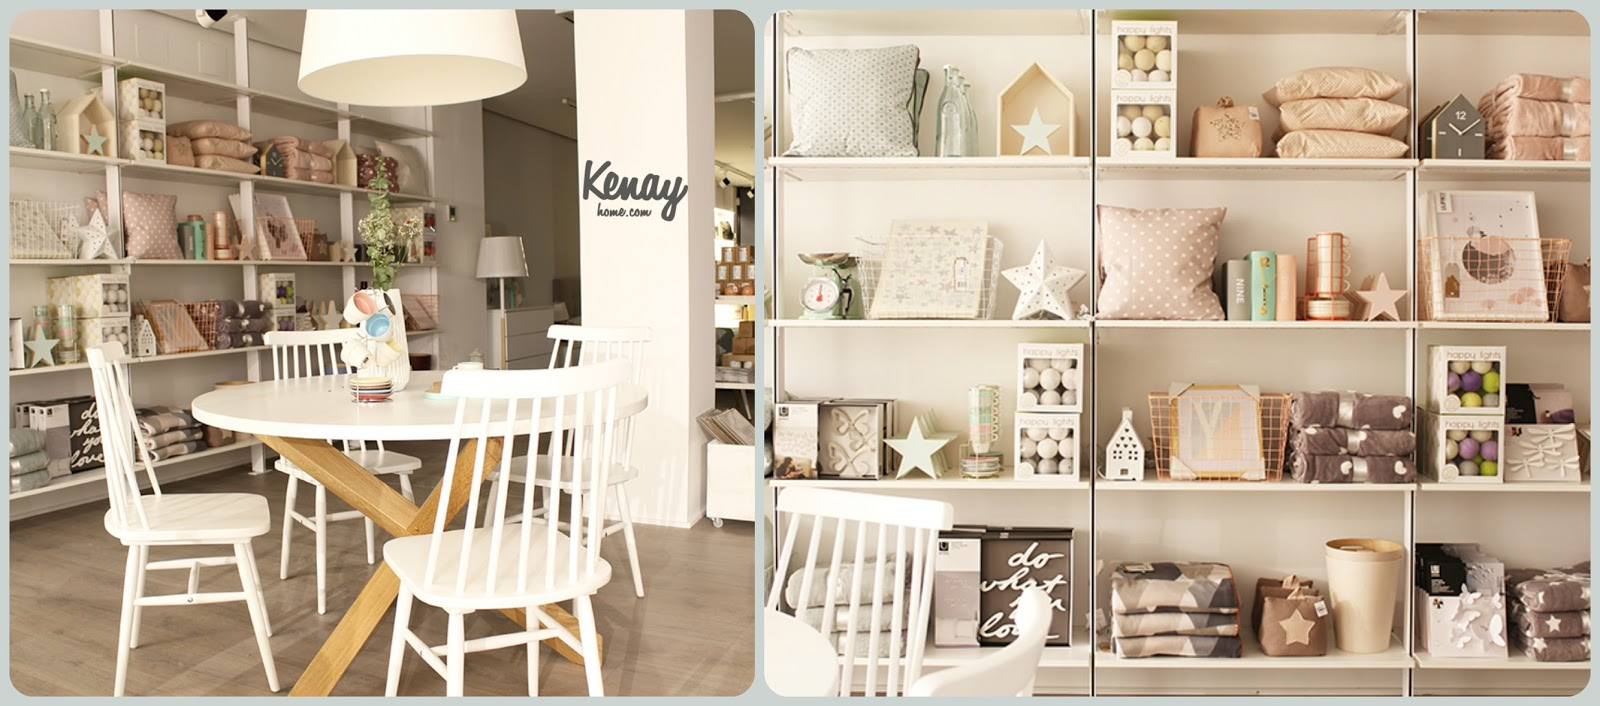 las cosillas de carmen kenay home no tengo palabras. Black Bedroom Furniture Sets. Home Design Ideas